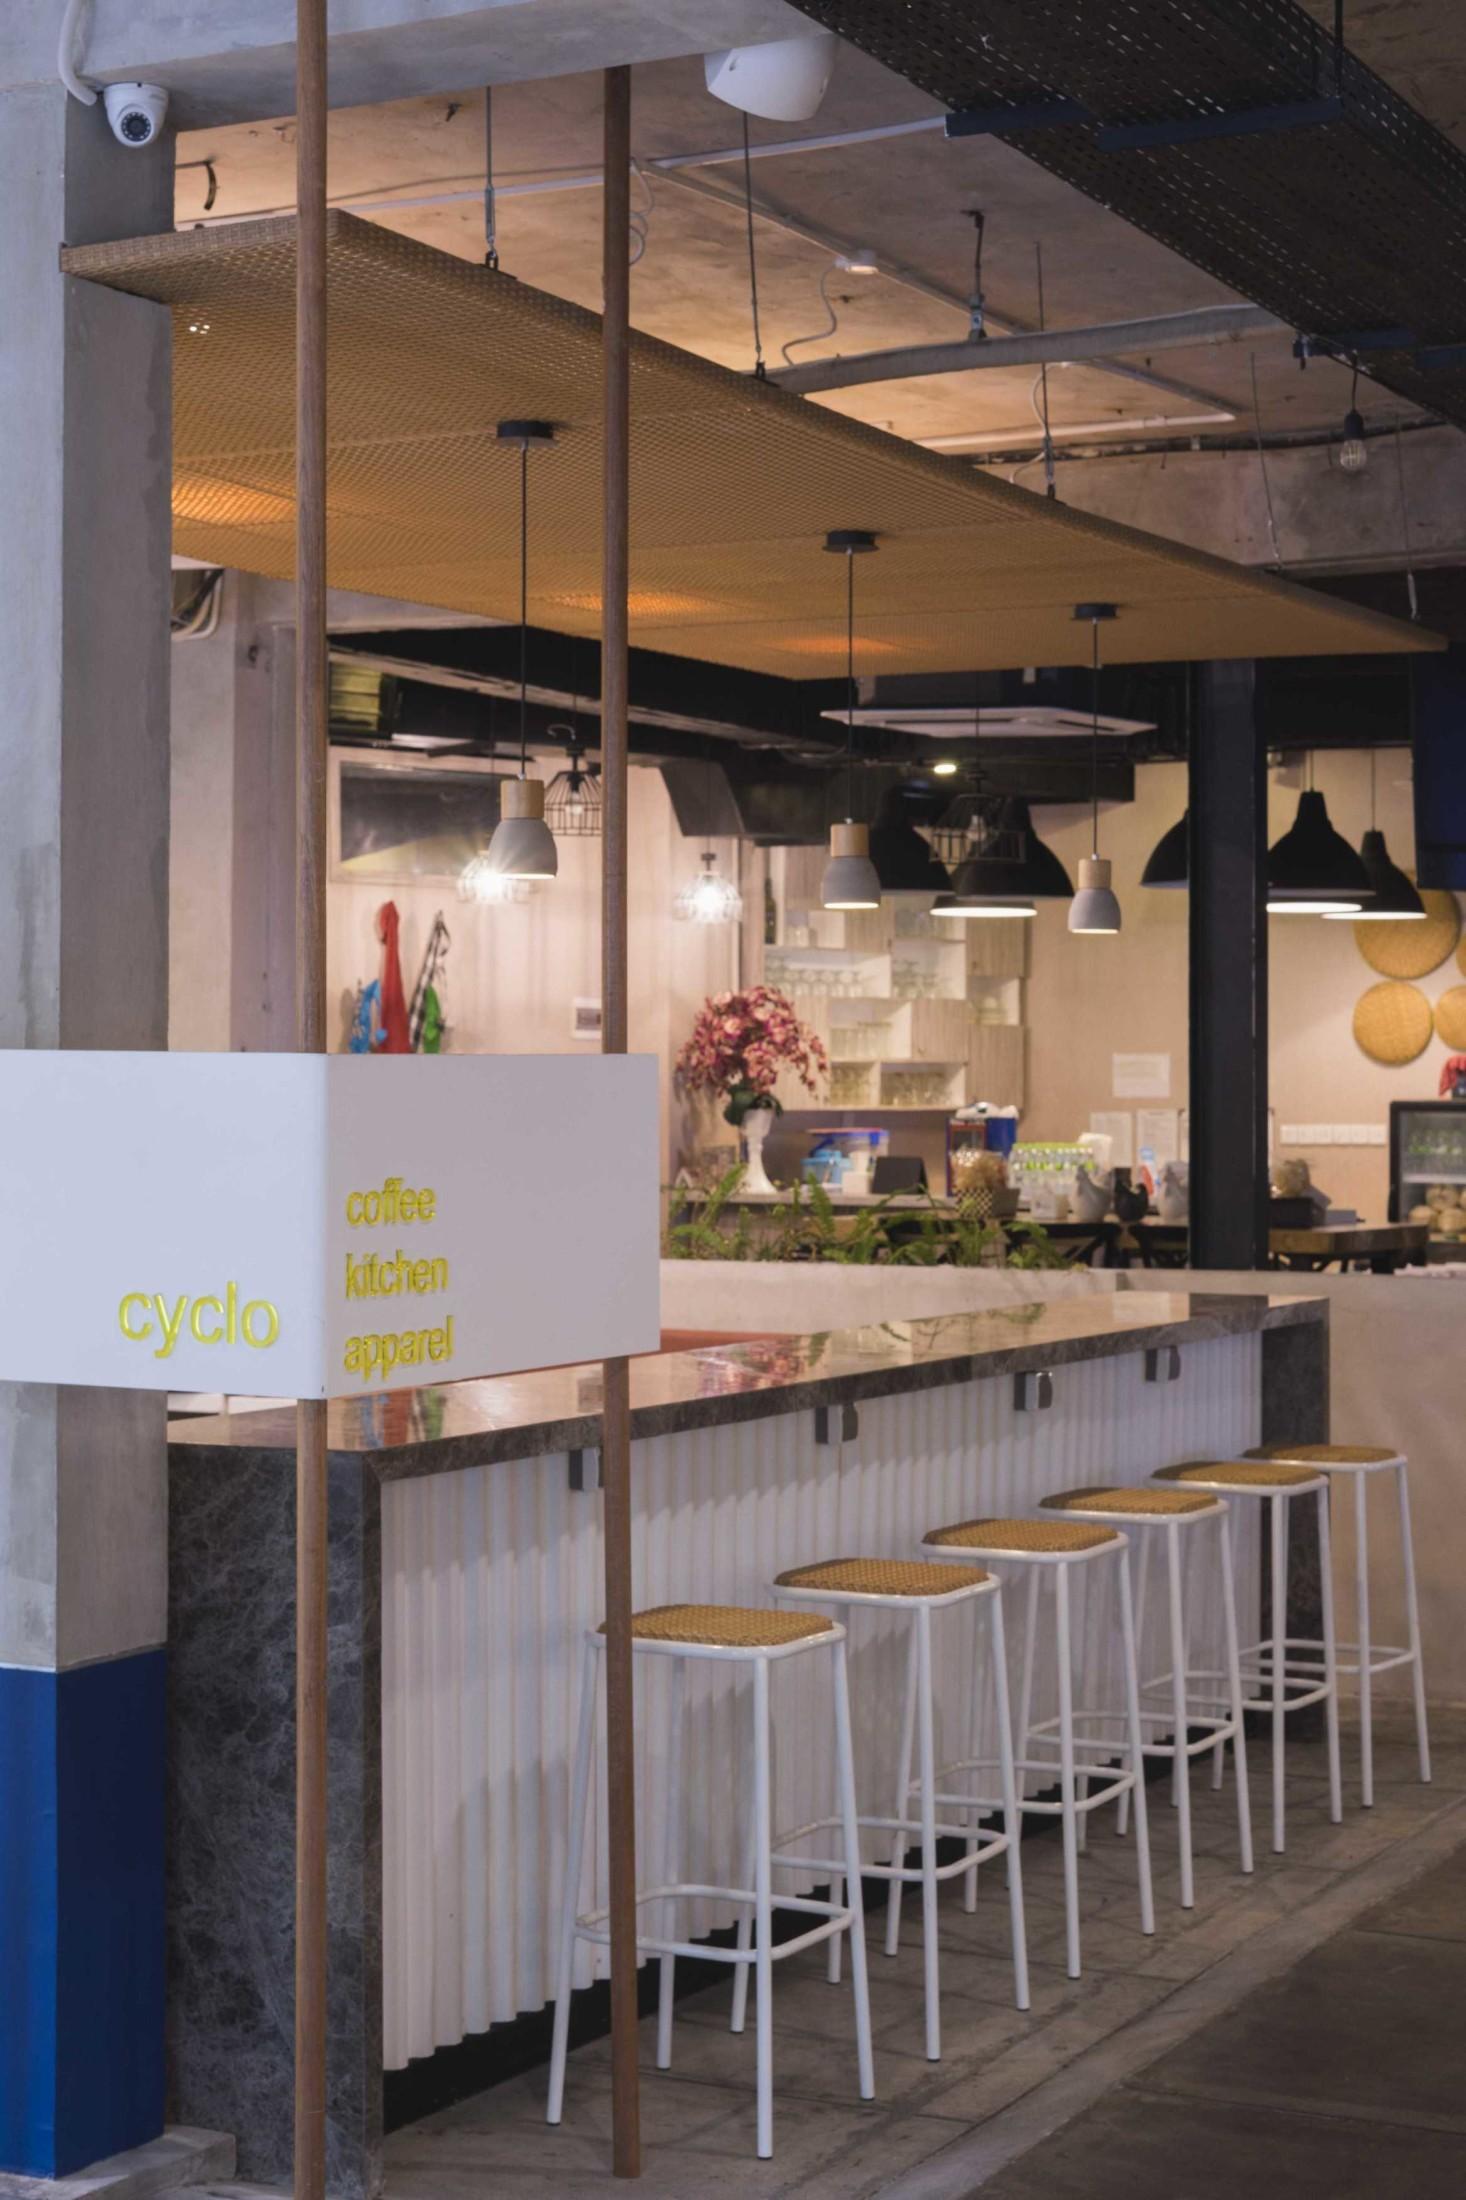 Lampu-lampu gantung industrial untuk menerangi area duduk (Sumber: arsitag.com)